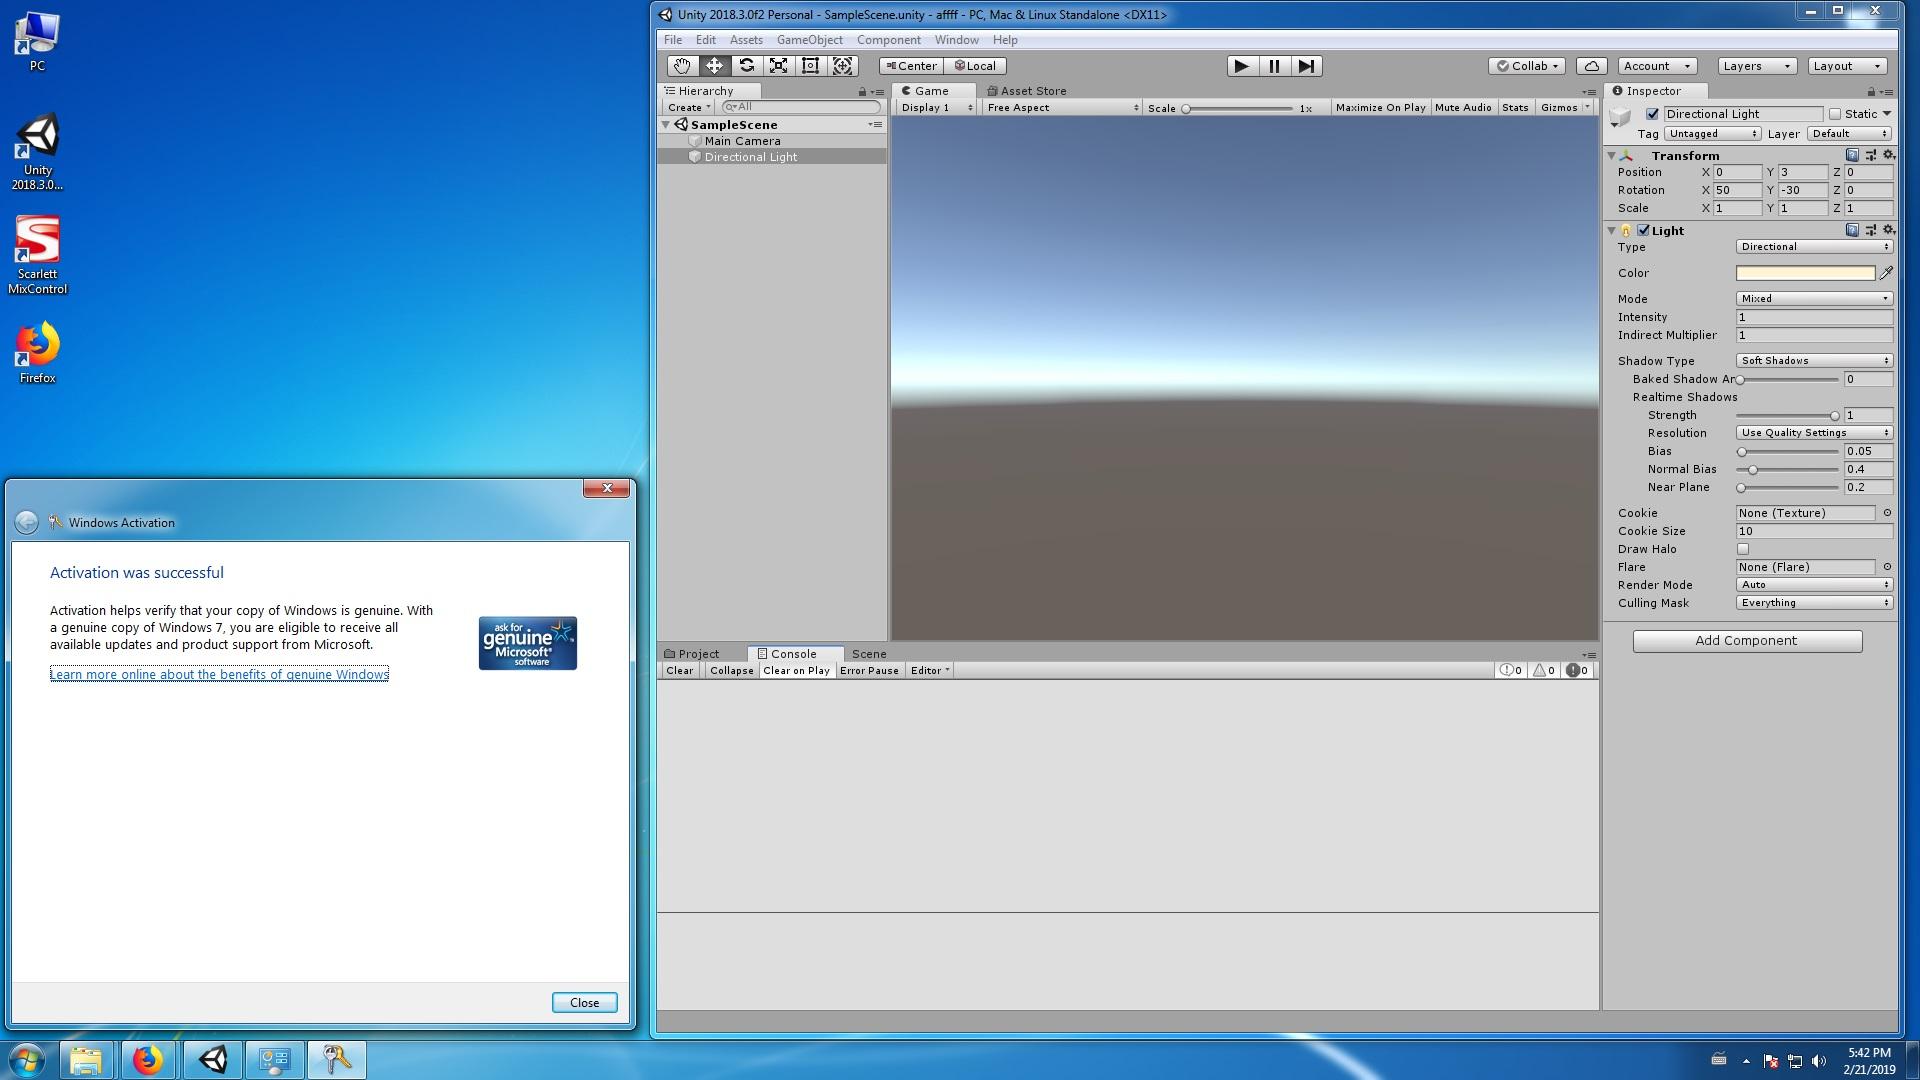 _timestamp-errors-gone.jpg